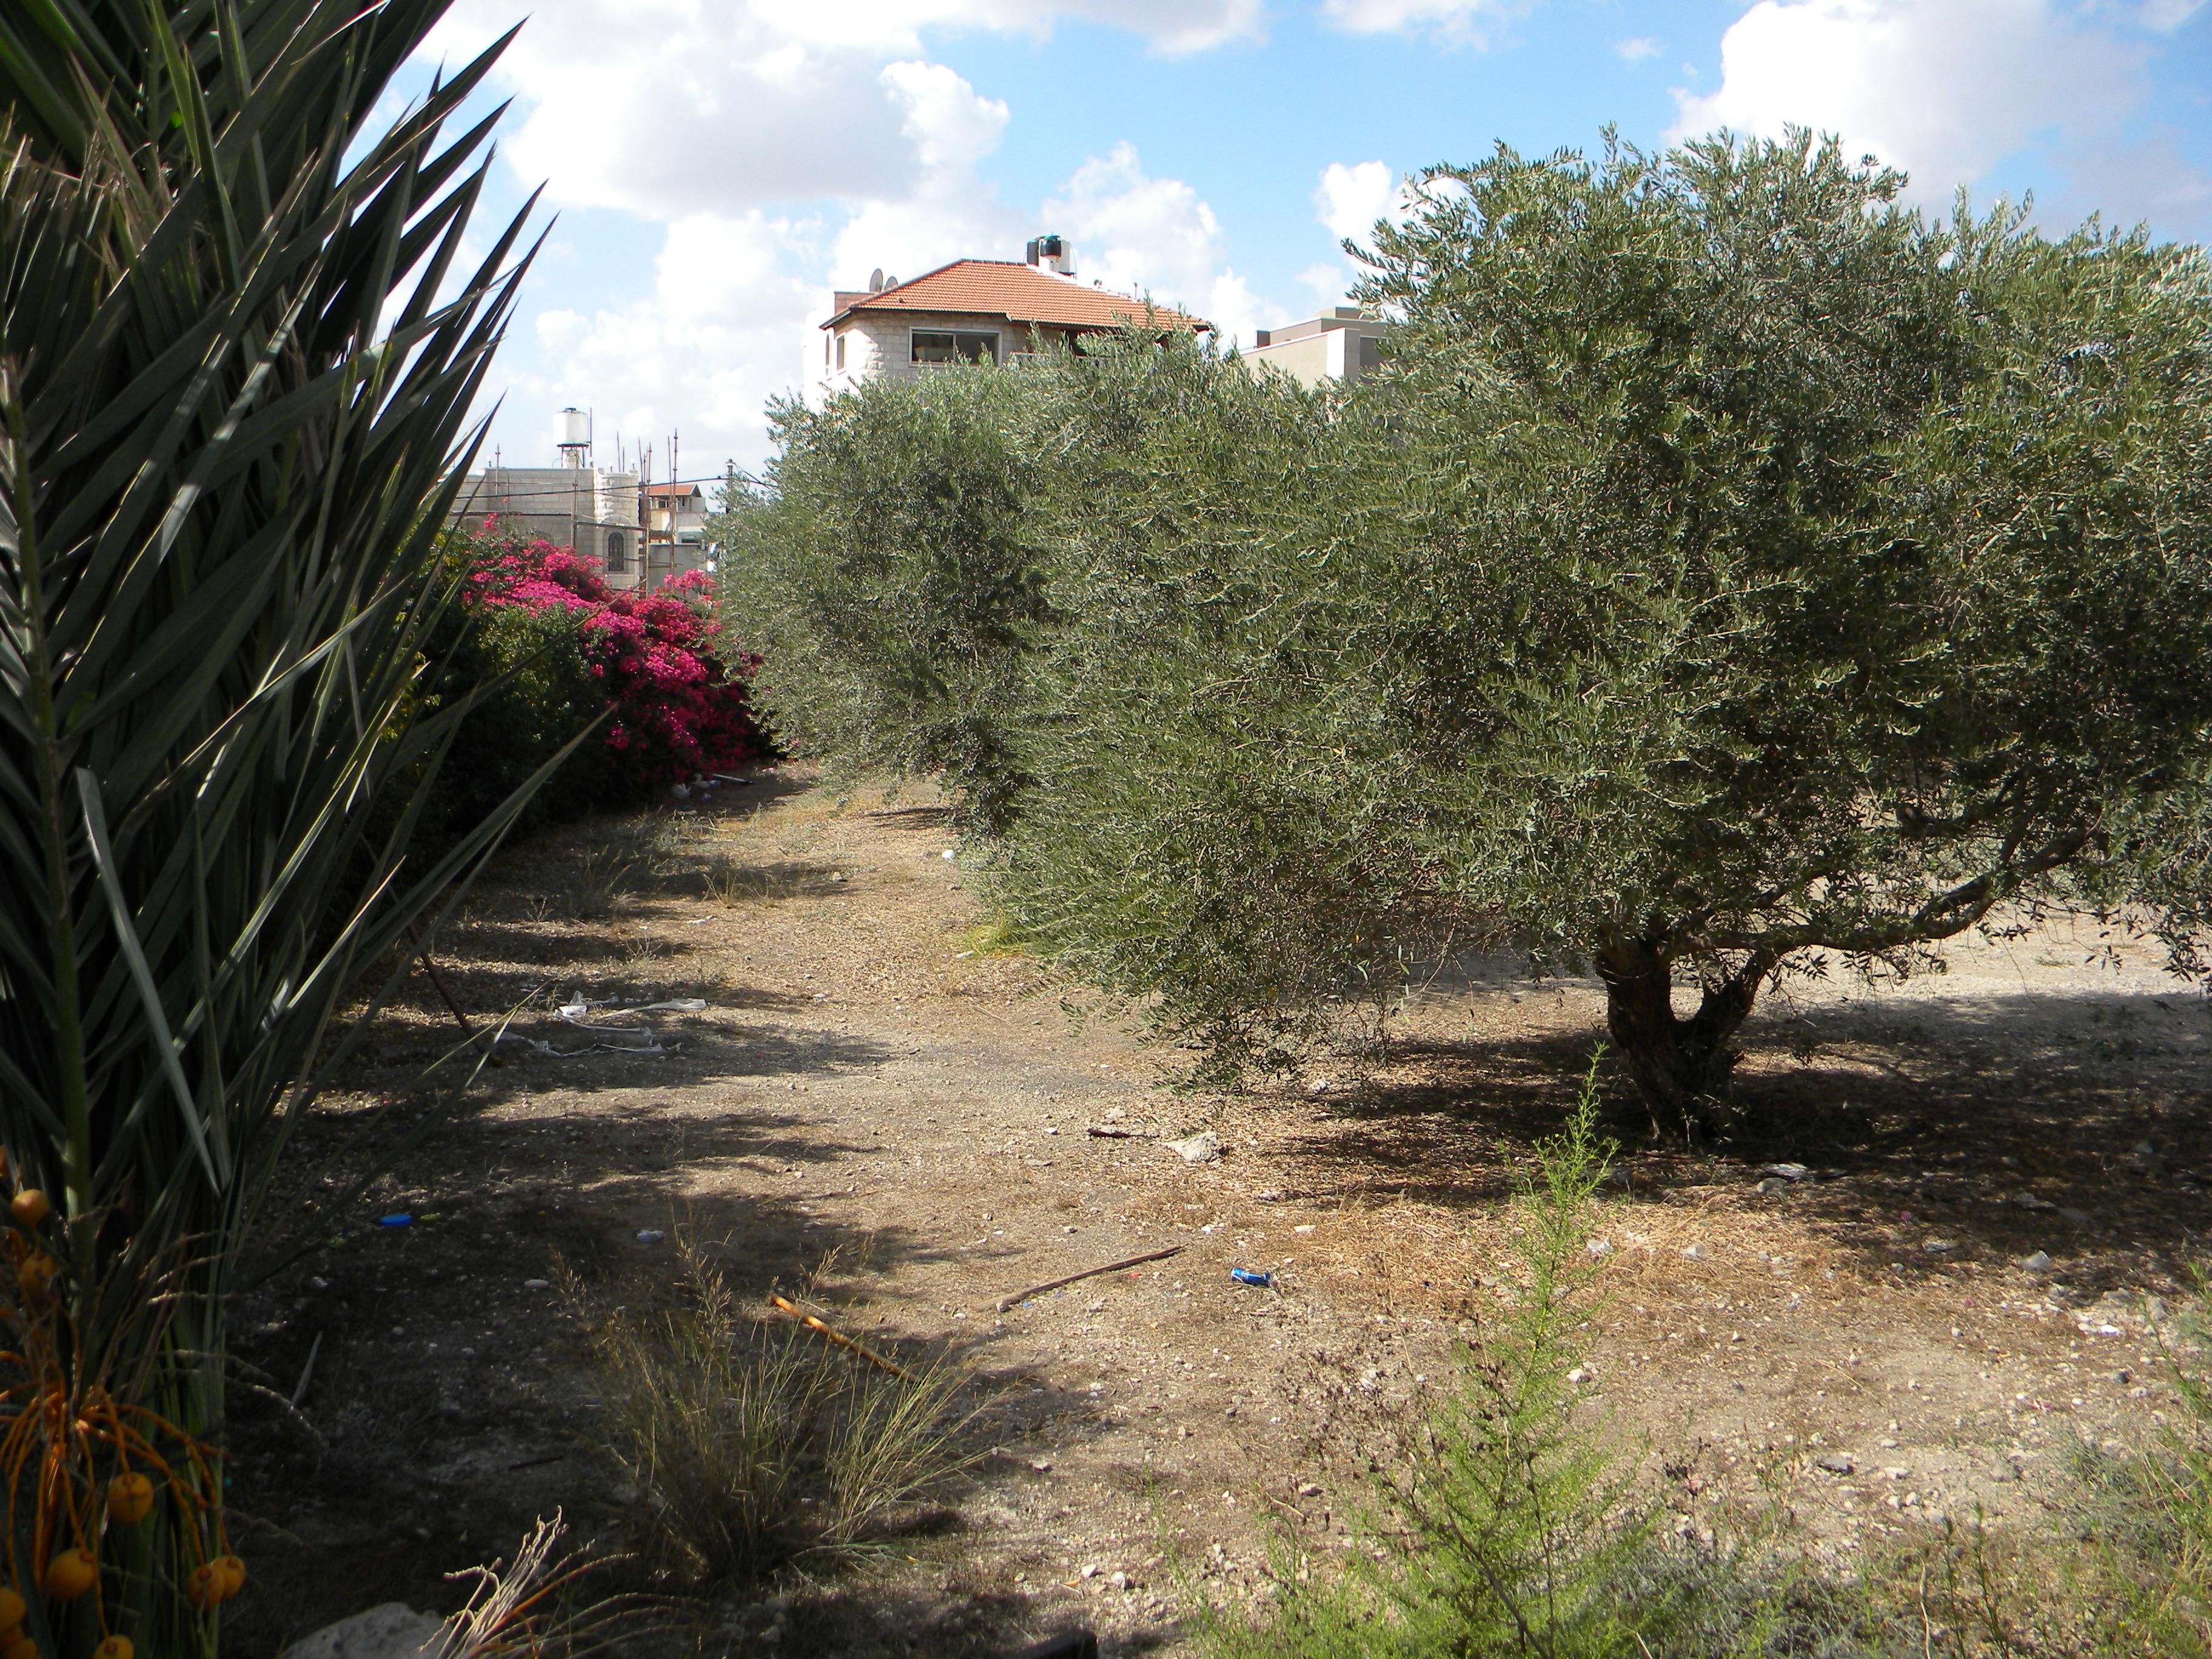 File:ISRAEL, Cana Galilei (Kafr Kanna) (Olive garden).JPG ...